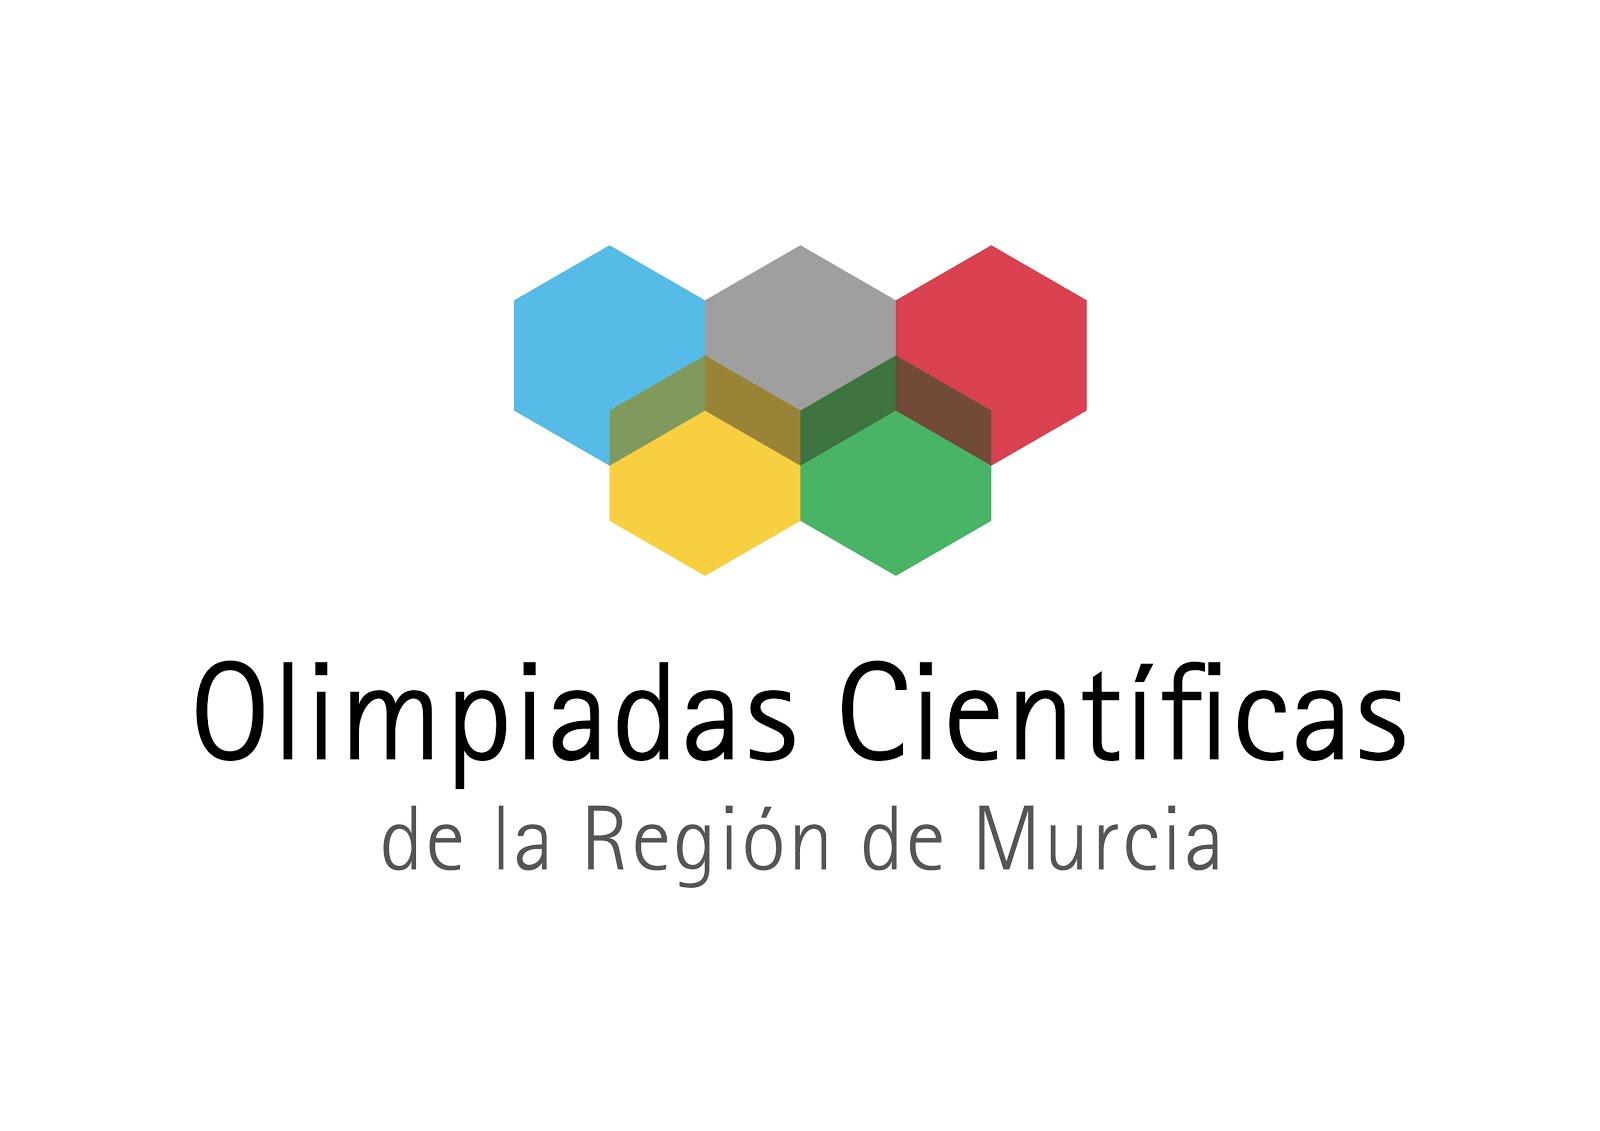 OLIMPIADAS CIENTÍFICAS